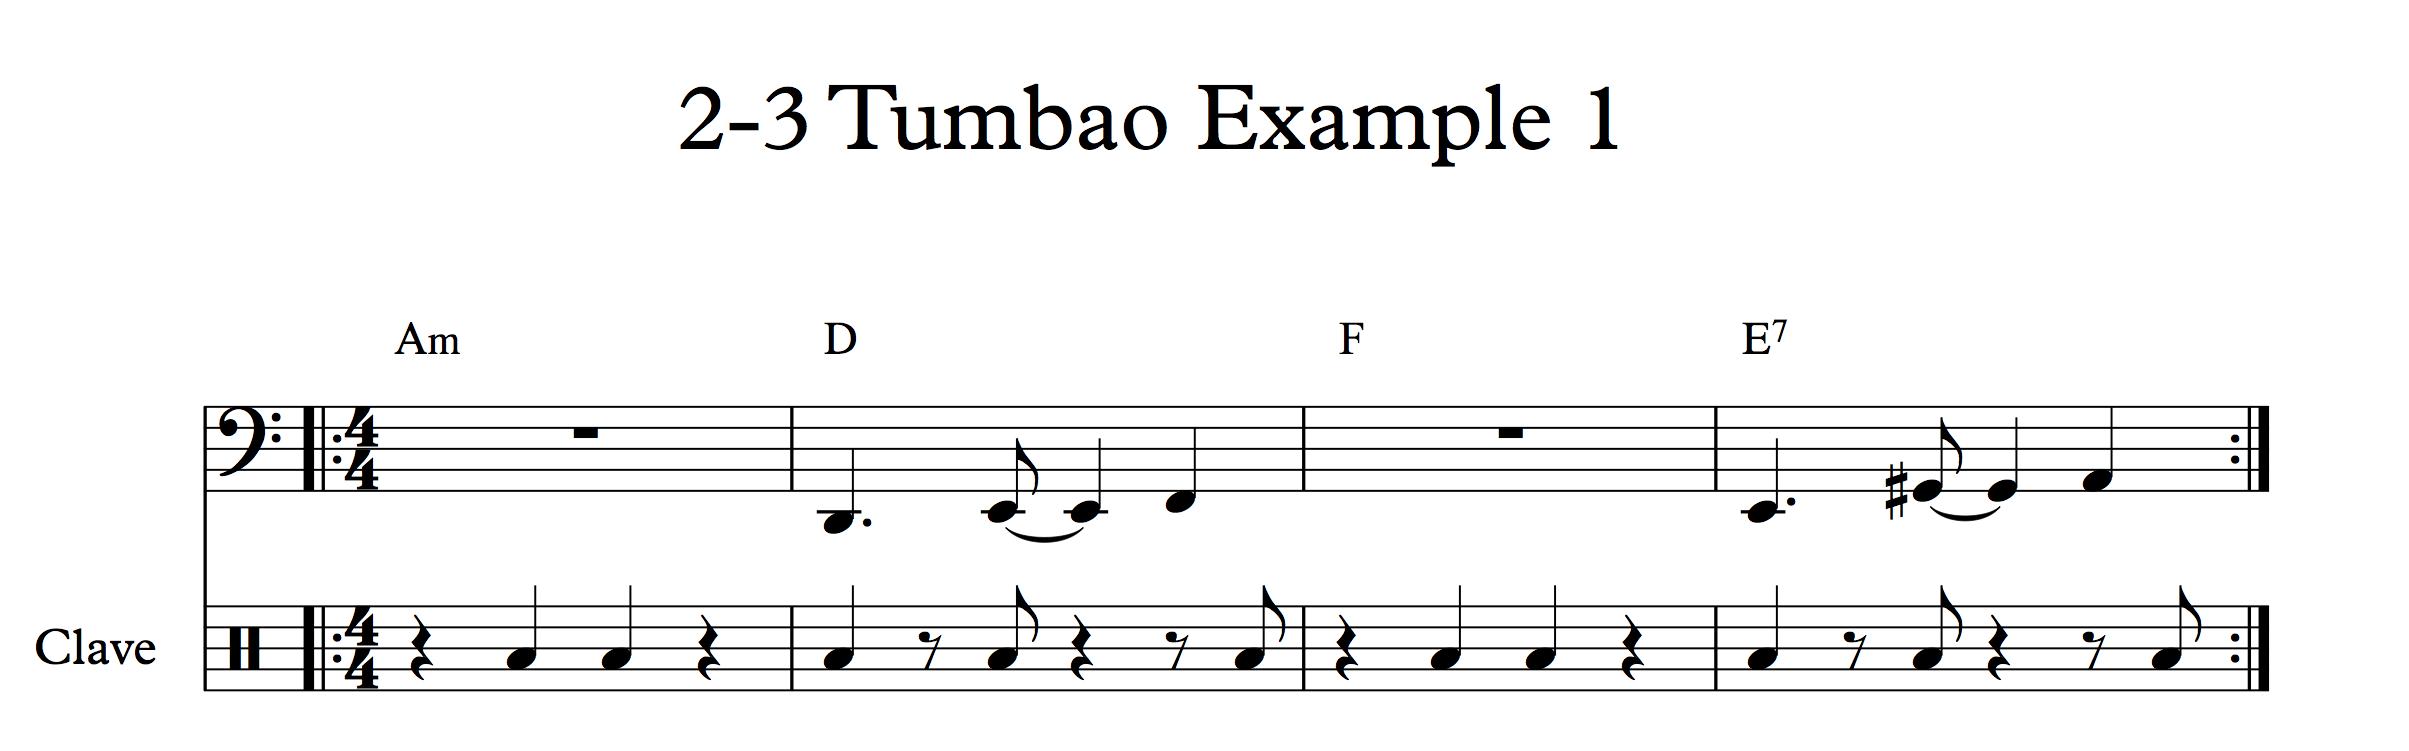 2-3 Tumbao Example 1.png